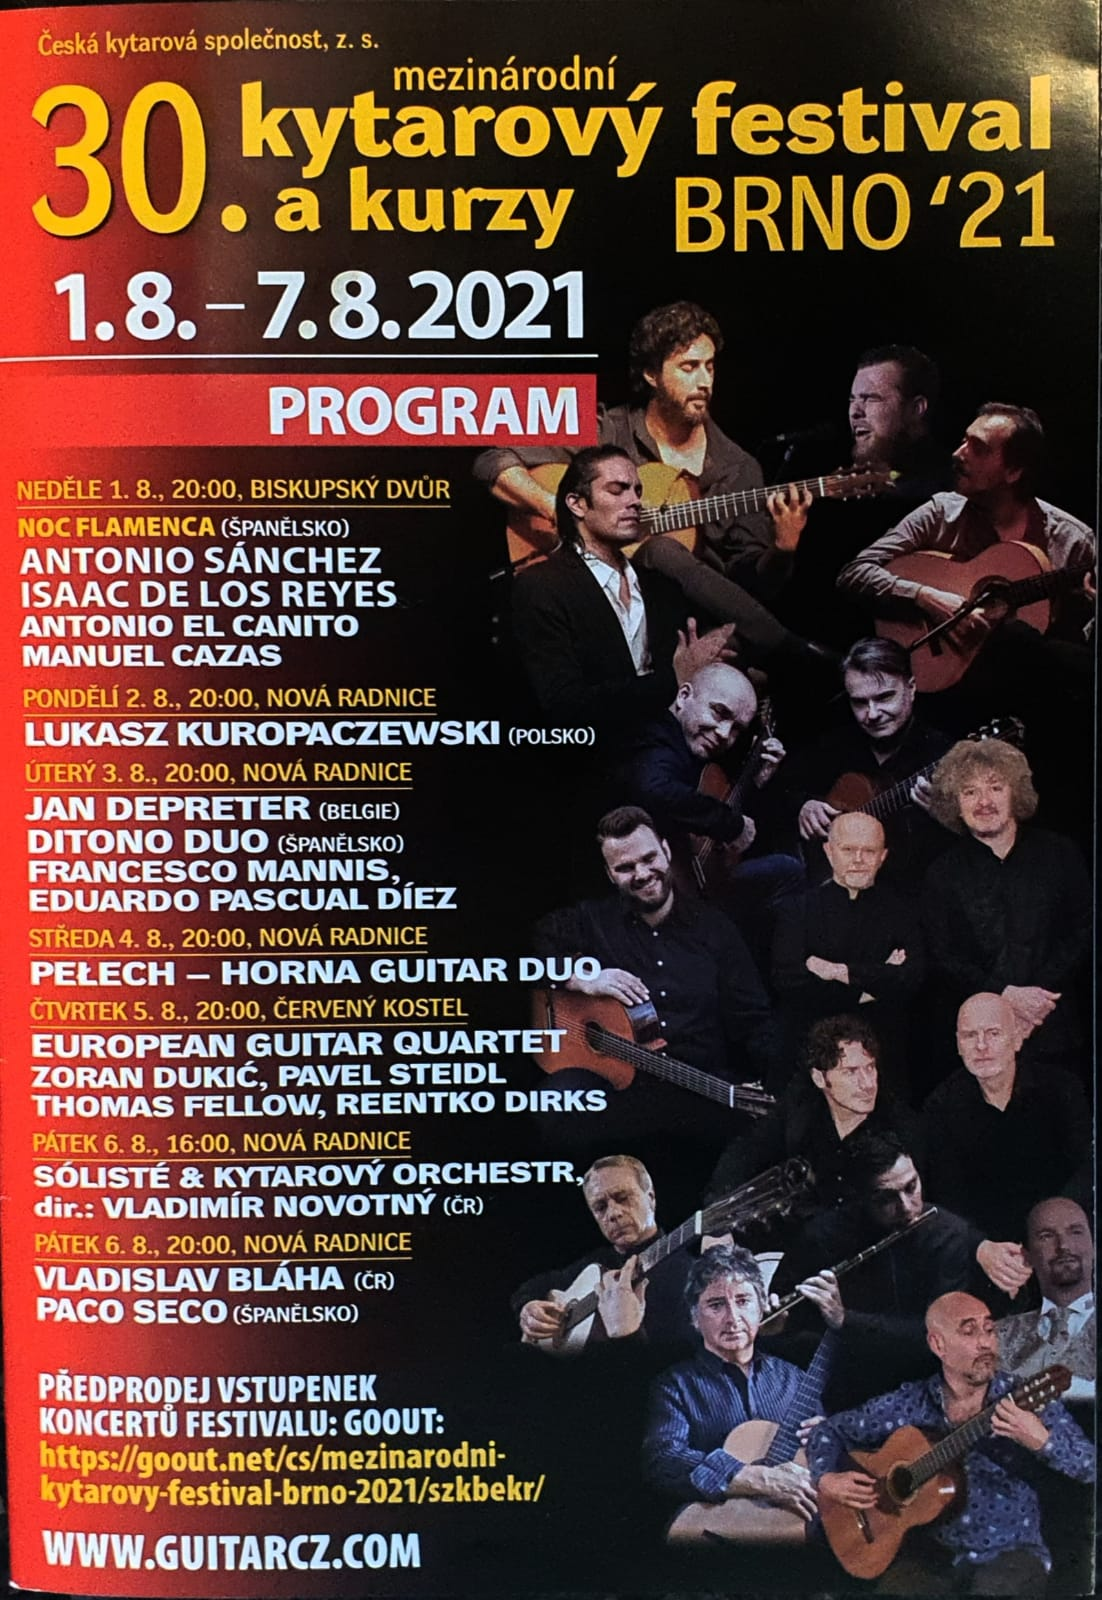 XXX BRNO International Guitar Festival & Competitio BRNO-TOKIO 2021